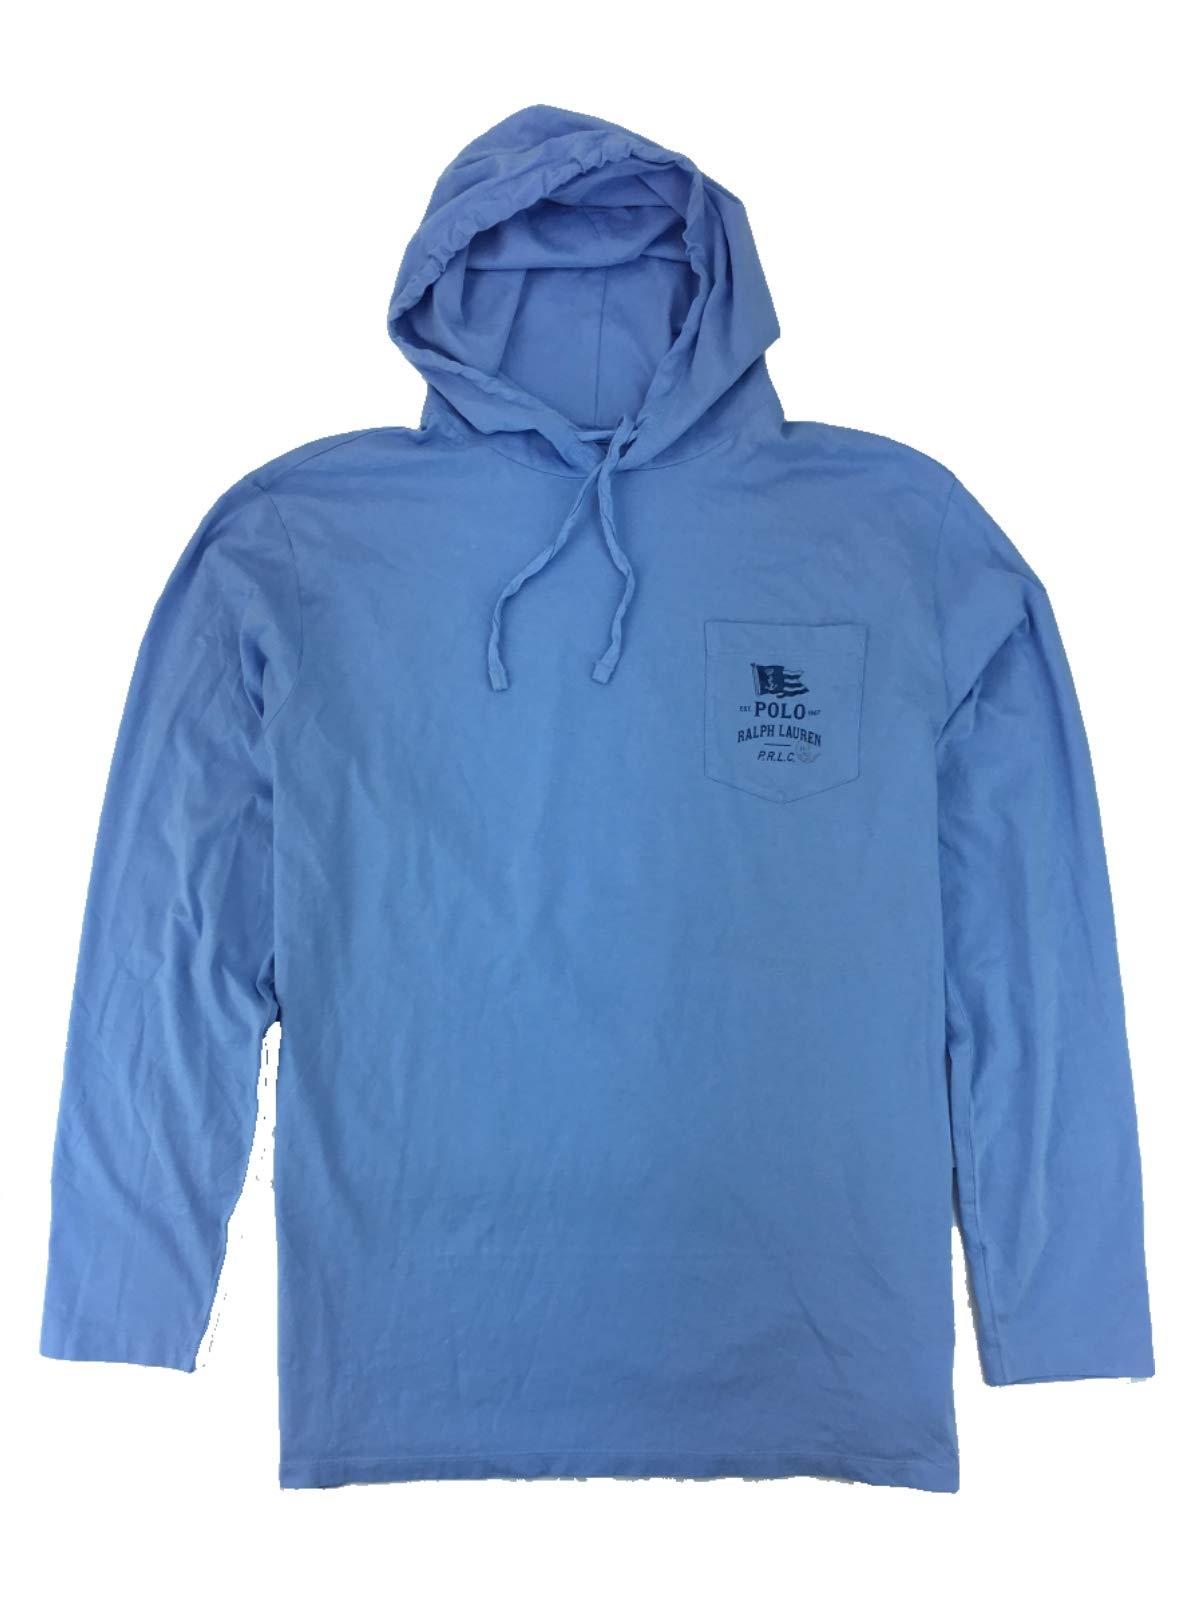 Polo Ralph Lauren Men's Big & Tall Marine Hoodie Long Sleeve T-Shirt (XLT, Essex Blue)